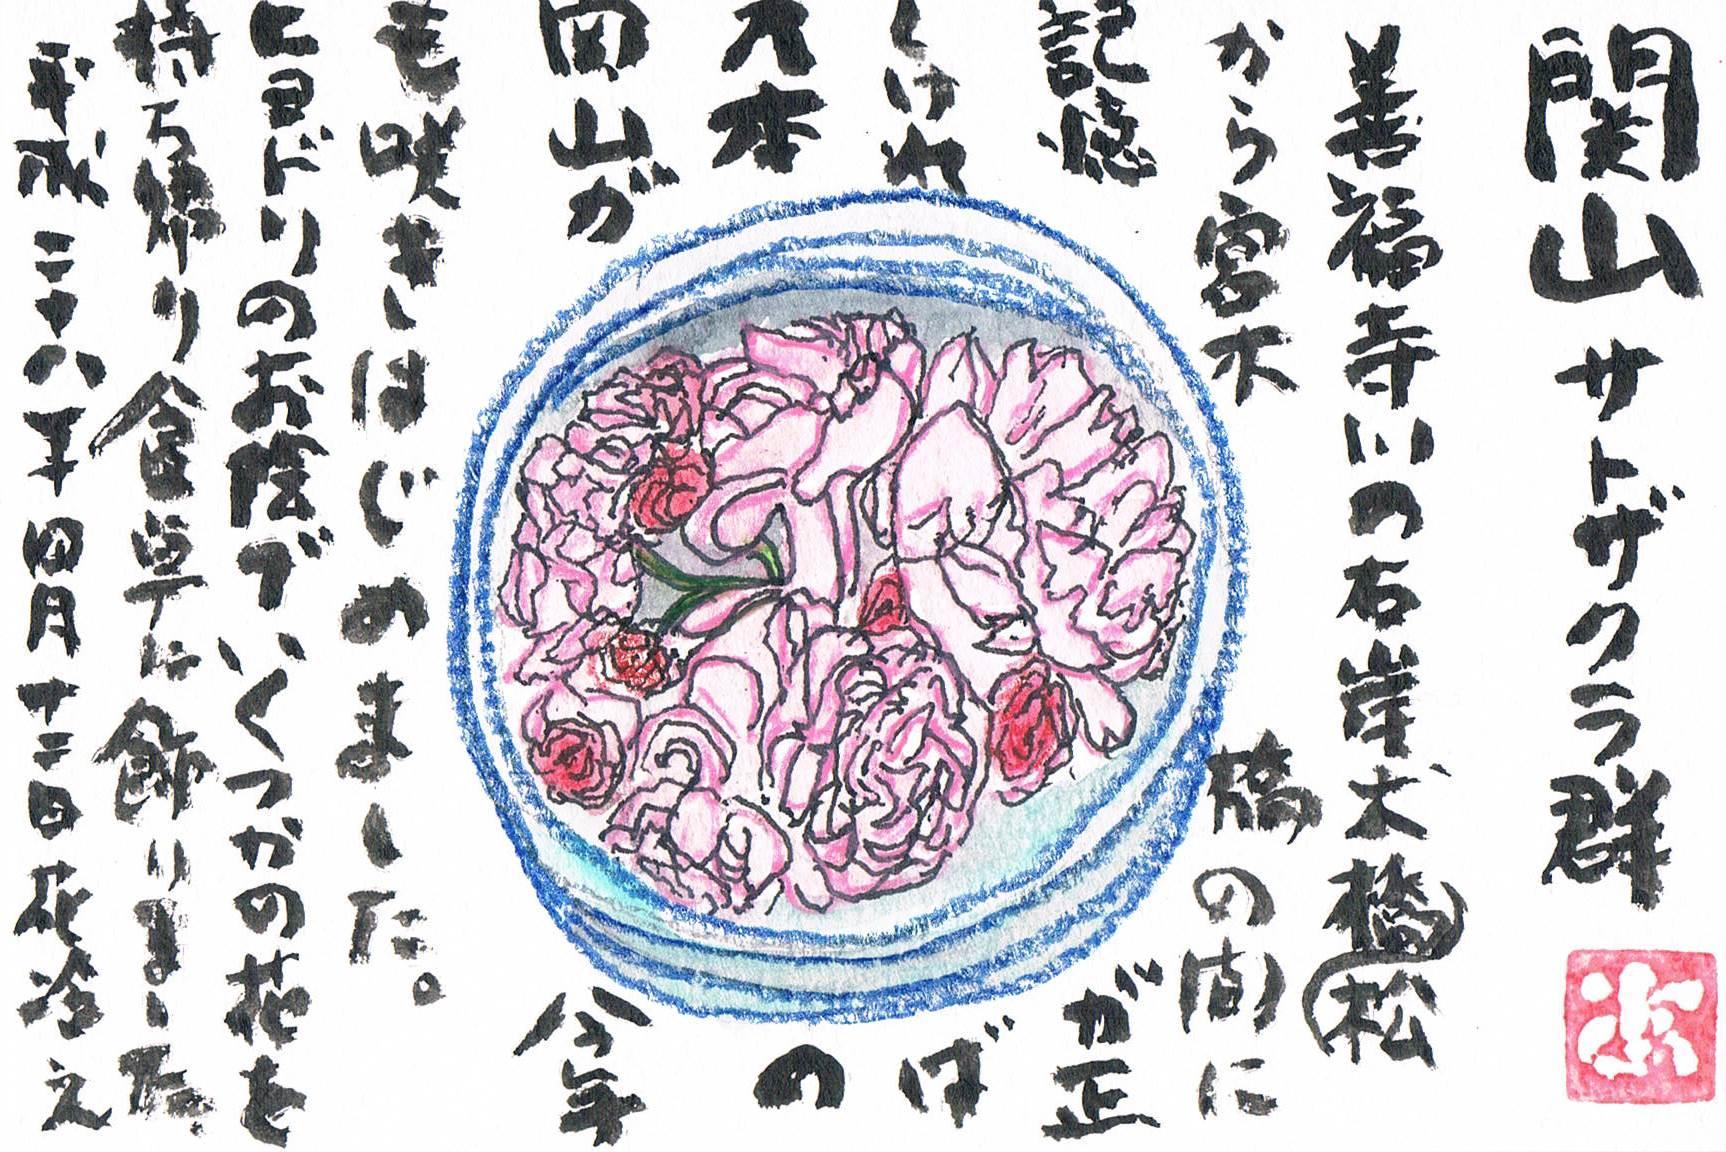 関山というサトザクラ_e0232277_1053212.jpg